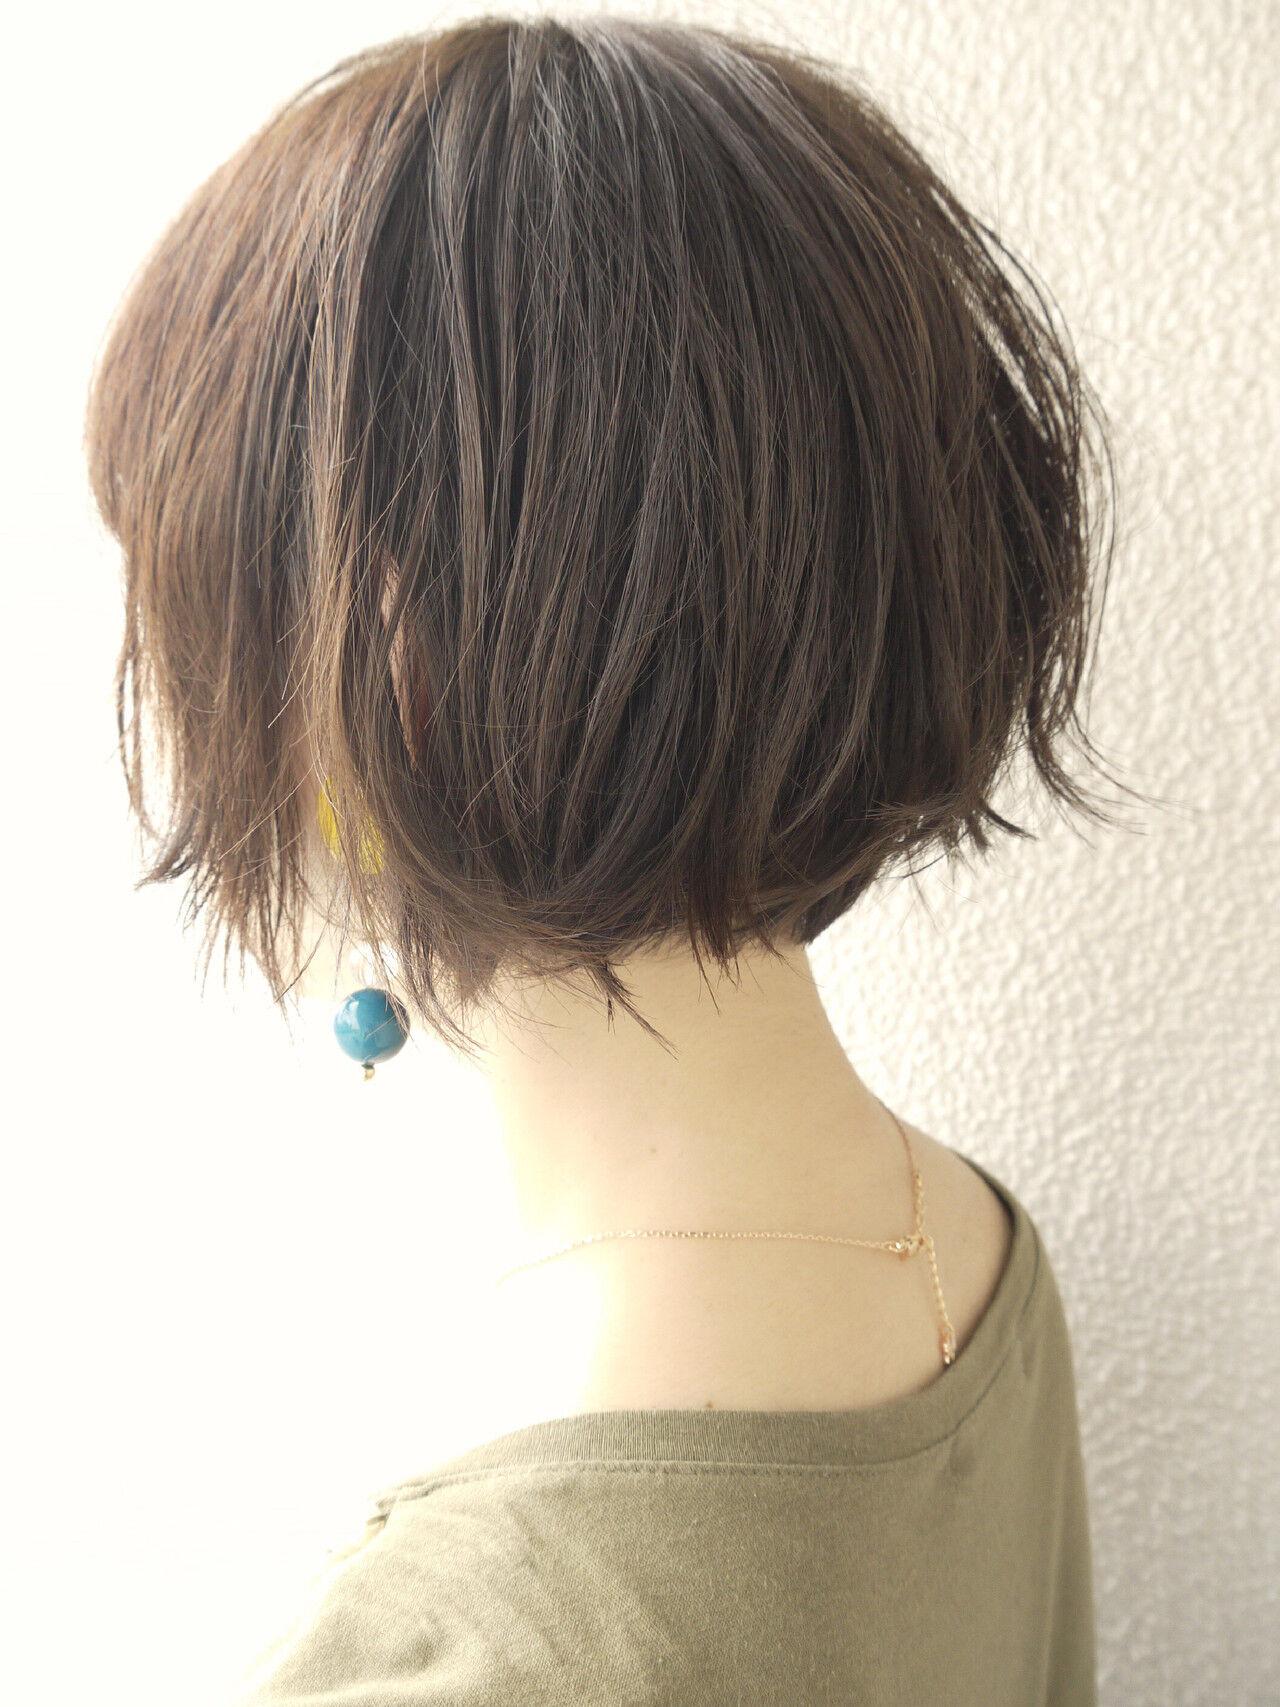 大人ショート エレガント ボブ 大人かわいいヘアスタイルや髪型の写真・画像